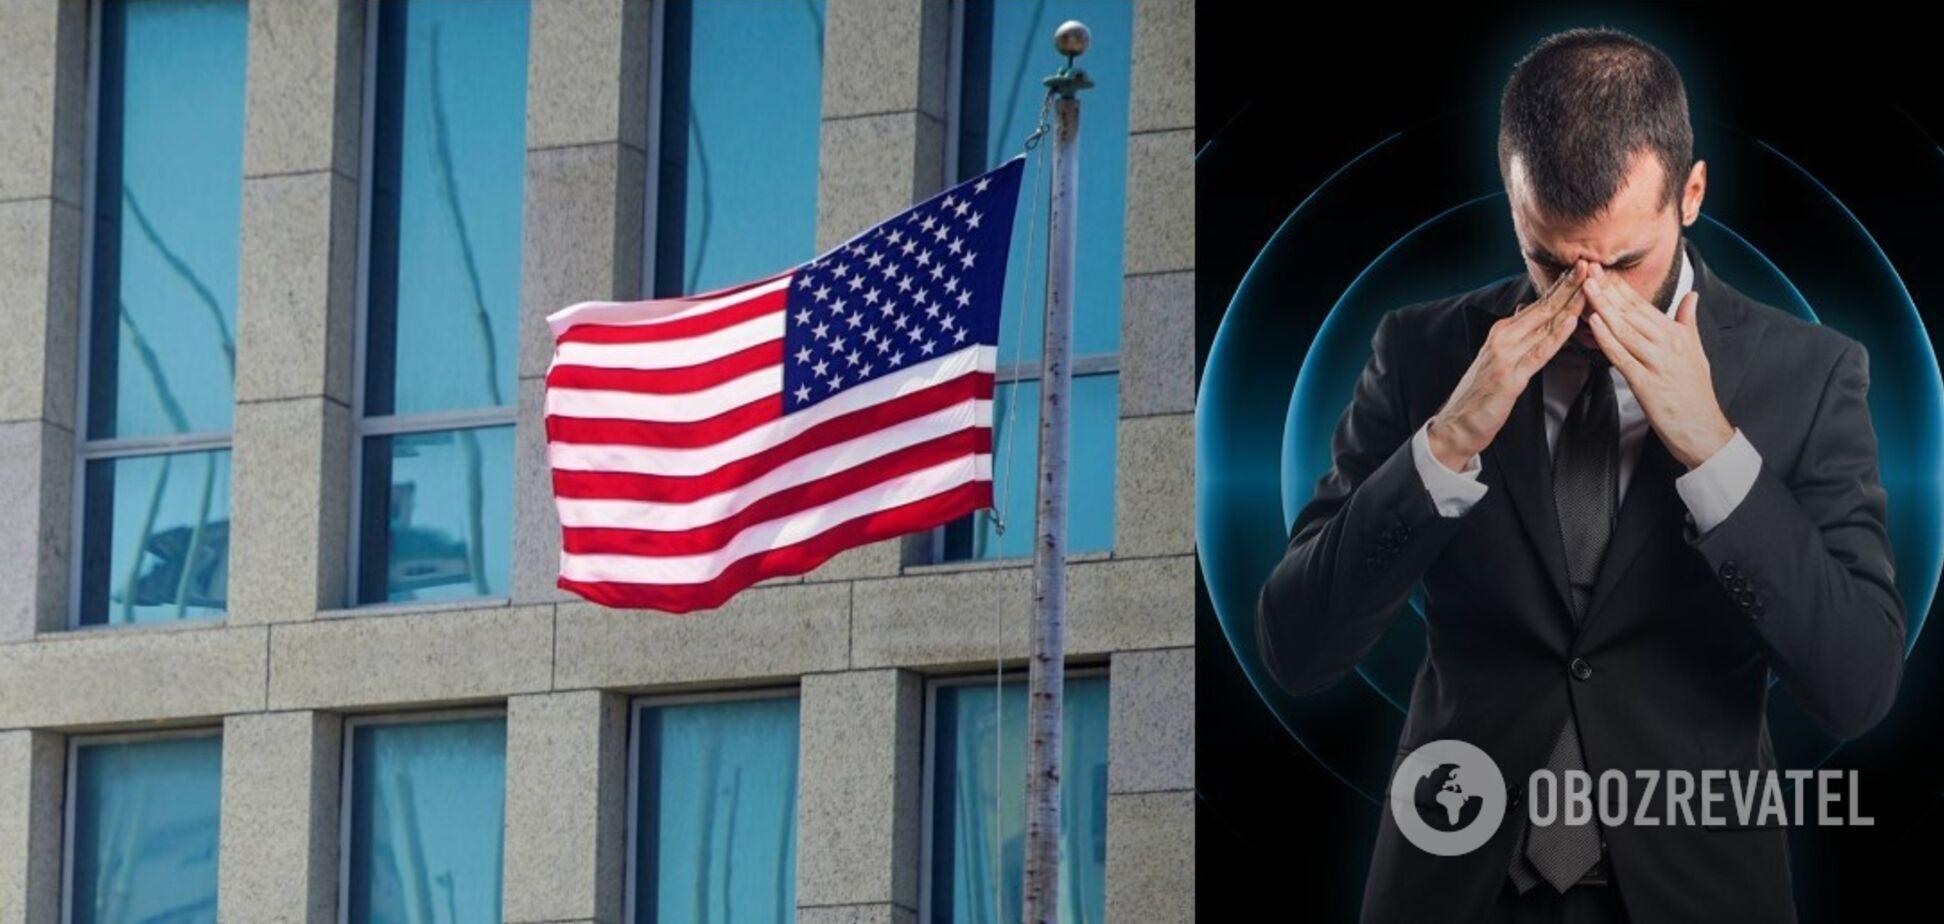 У США мають намір розслідувати епізоди захворювання дипломатів 'гавайським синдромом'